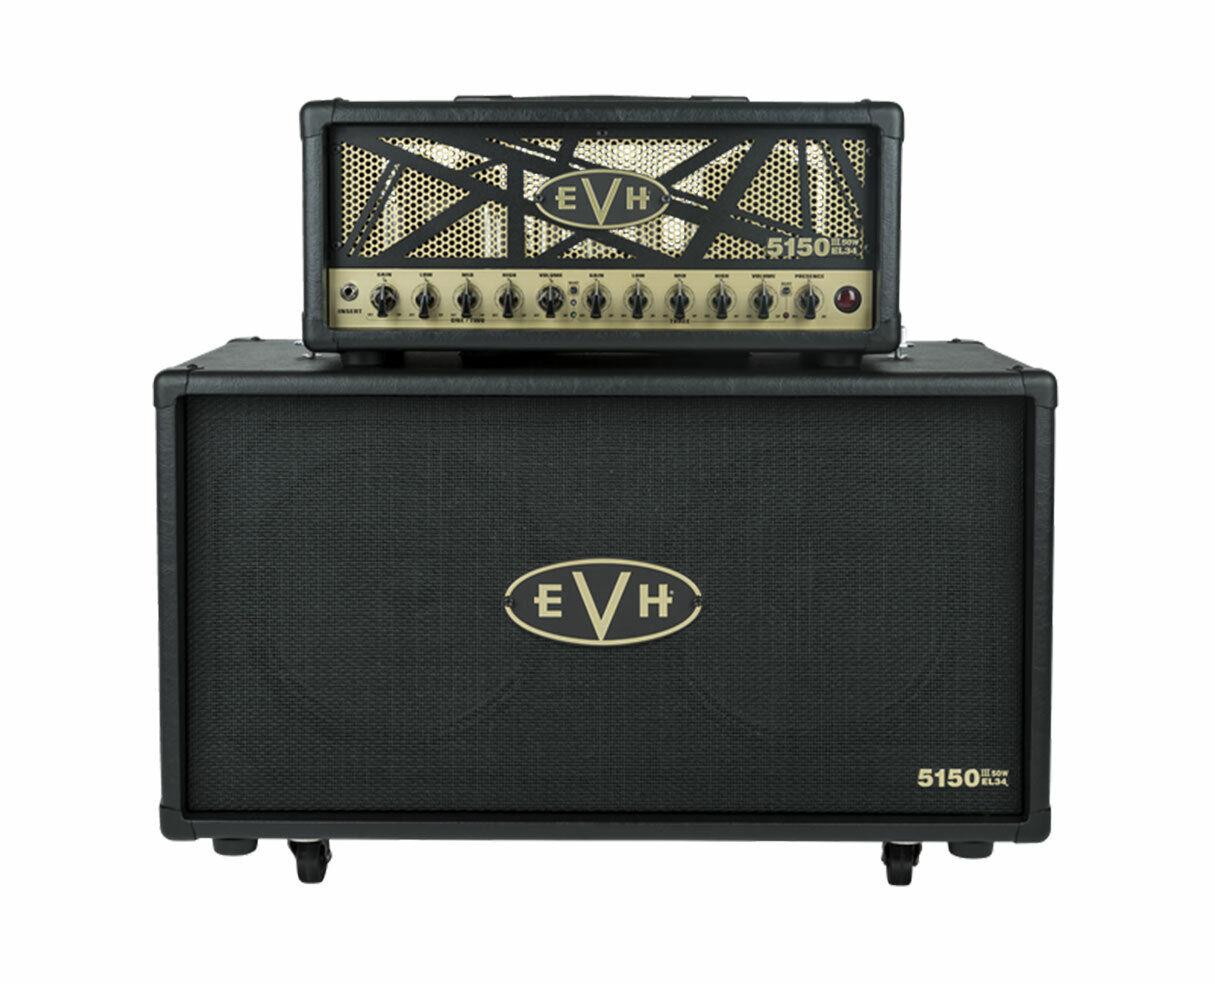 EVH 5150III 50W EL34 Guitar Head - Used. Buy it now for 1099.99